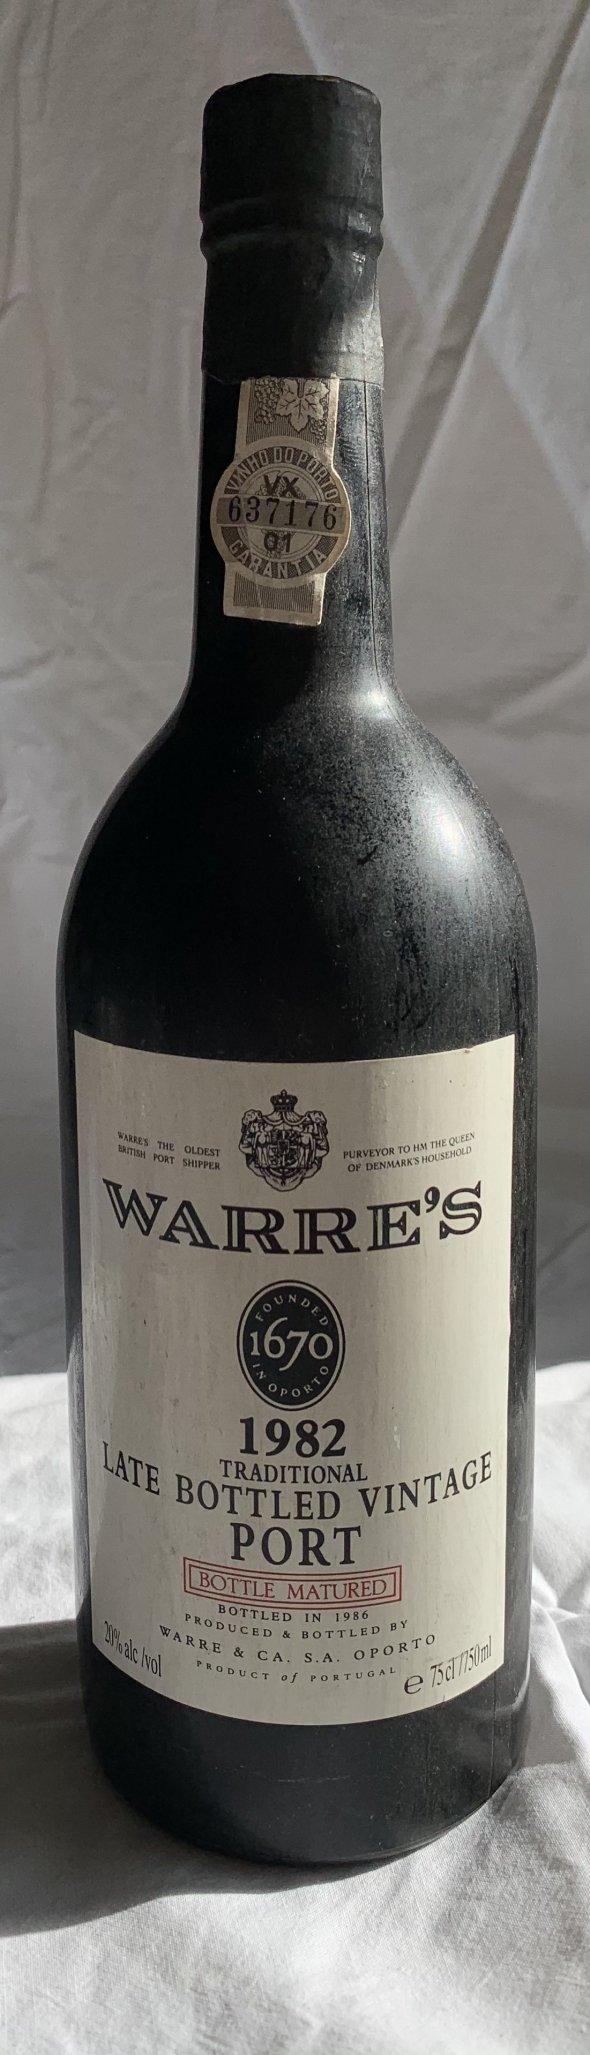 Warres 1982 traditional late bottled vintage port